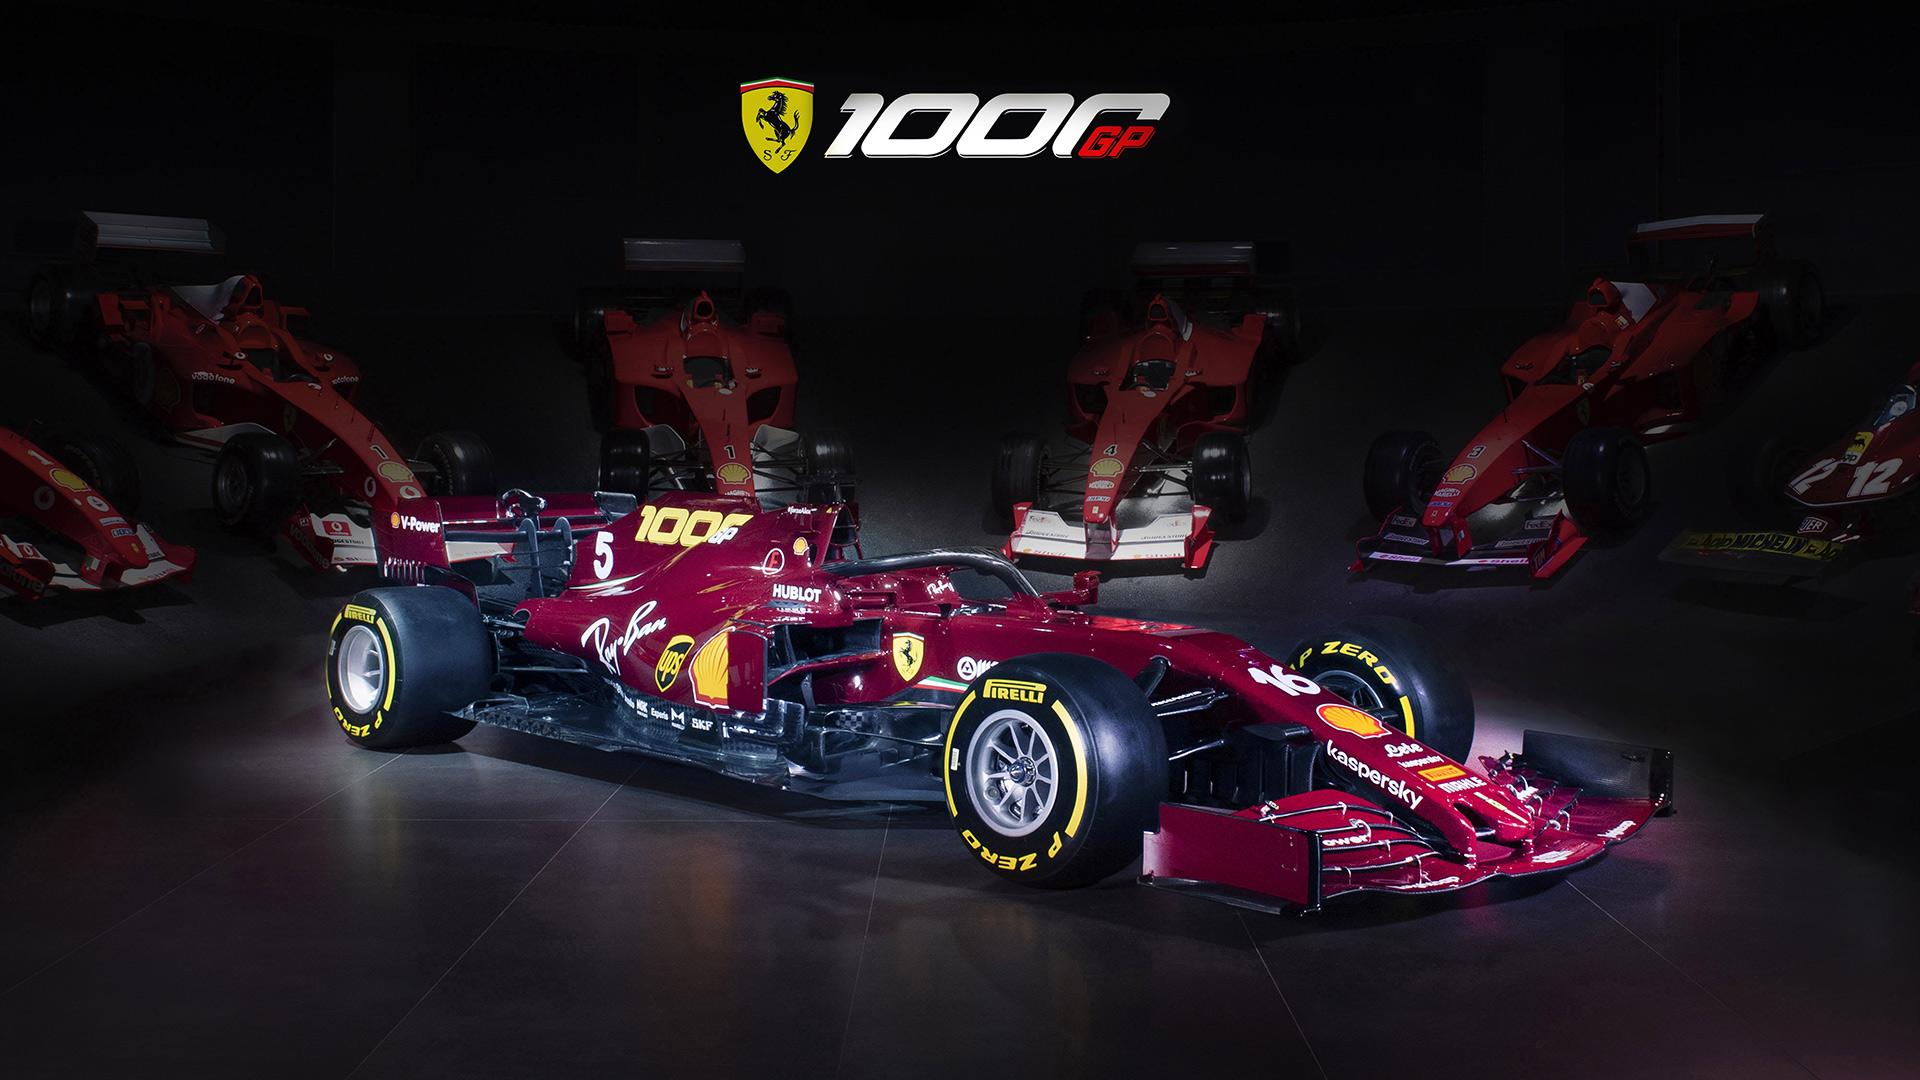 Πωλείται επετειακό μονοθέσιο της Ferrari για το σαλόνι σας!